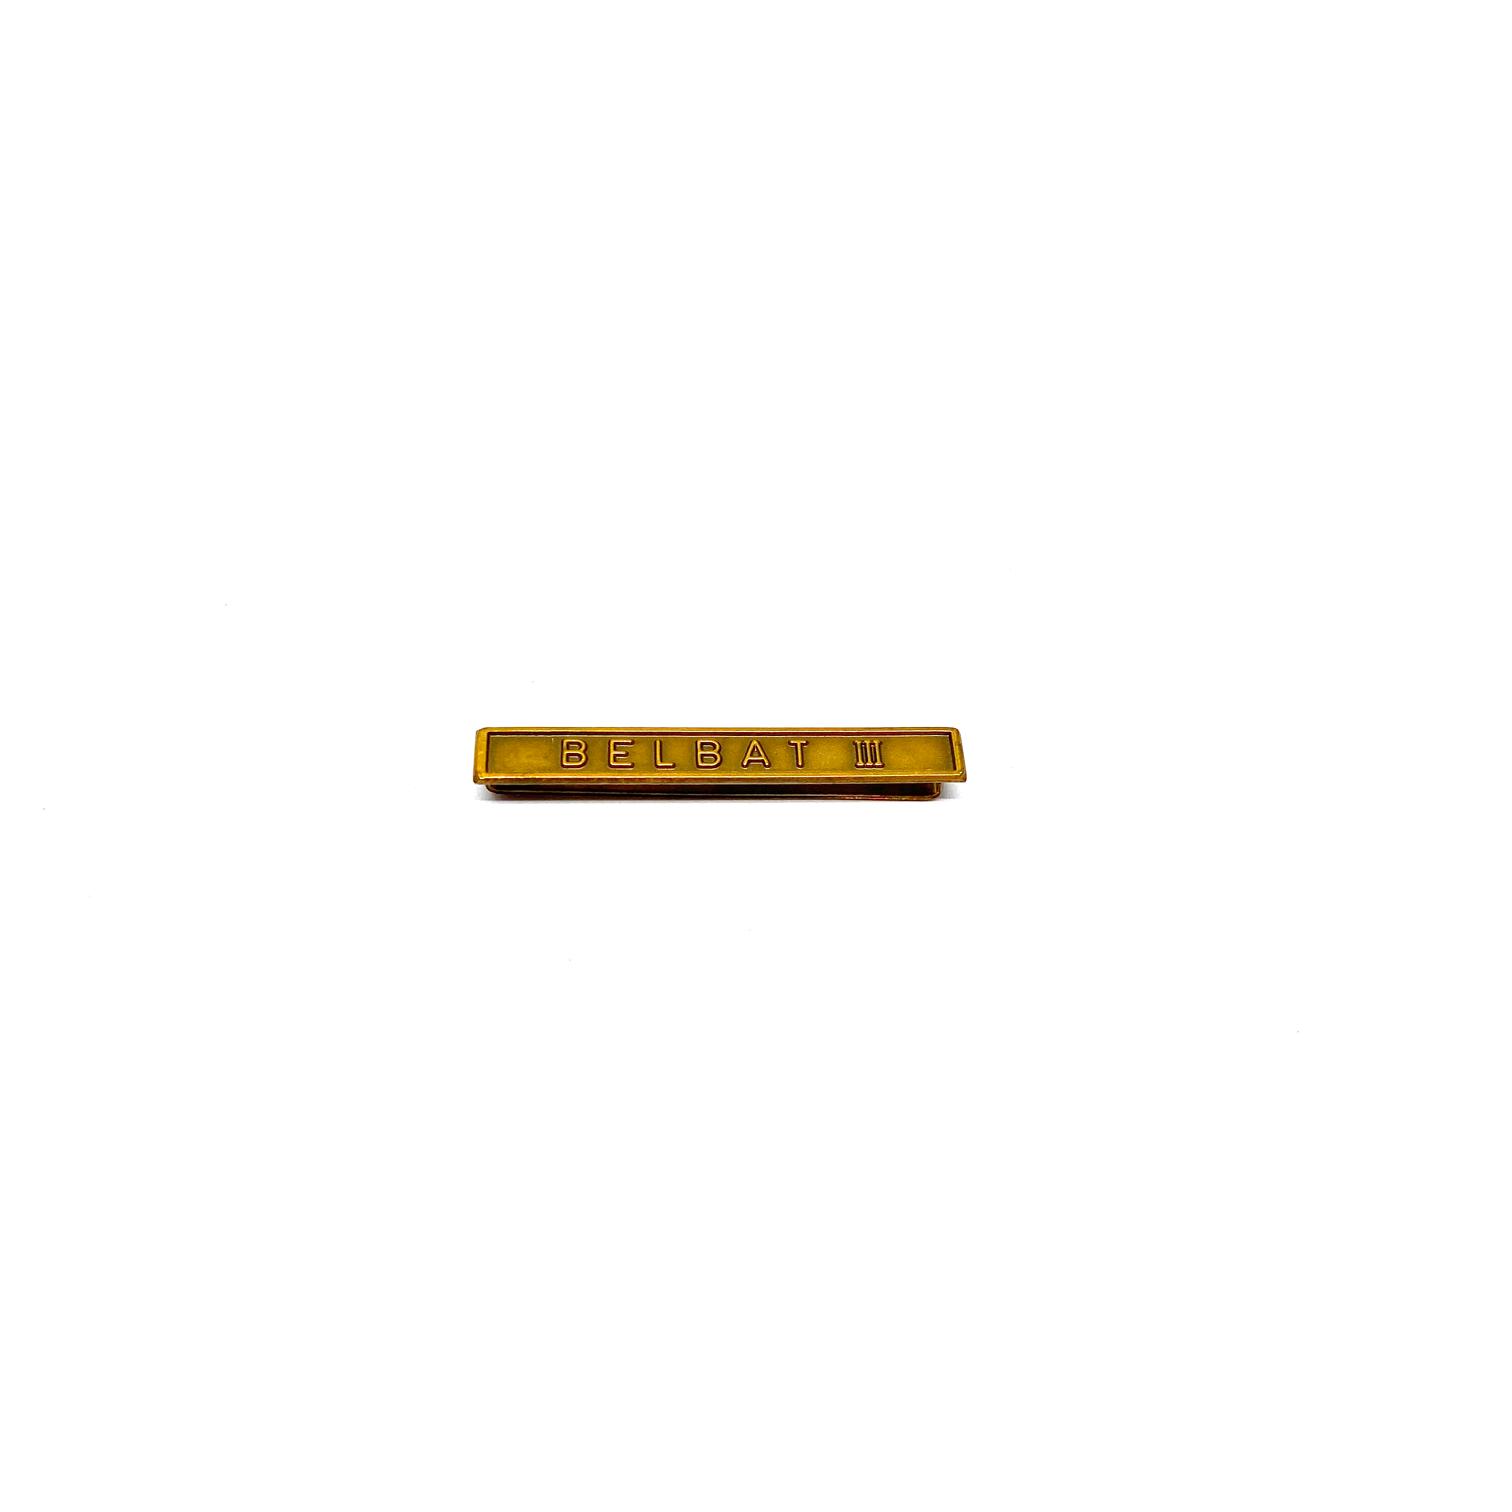 Barrette Belbat III pour décorations militaires